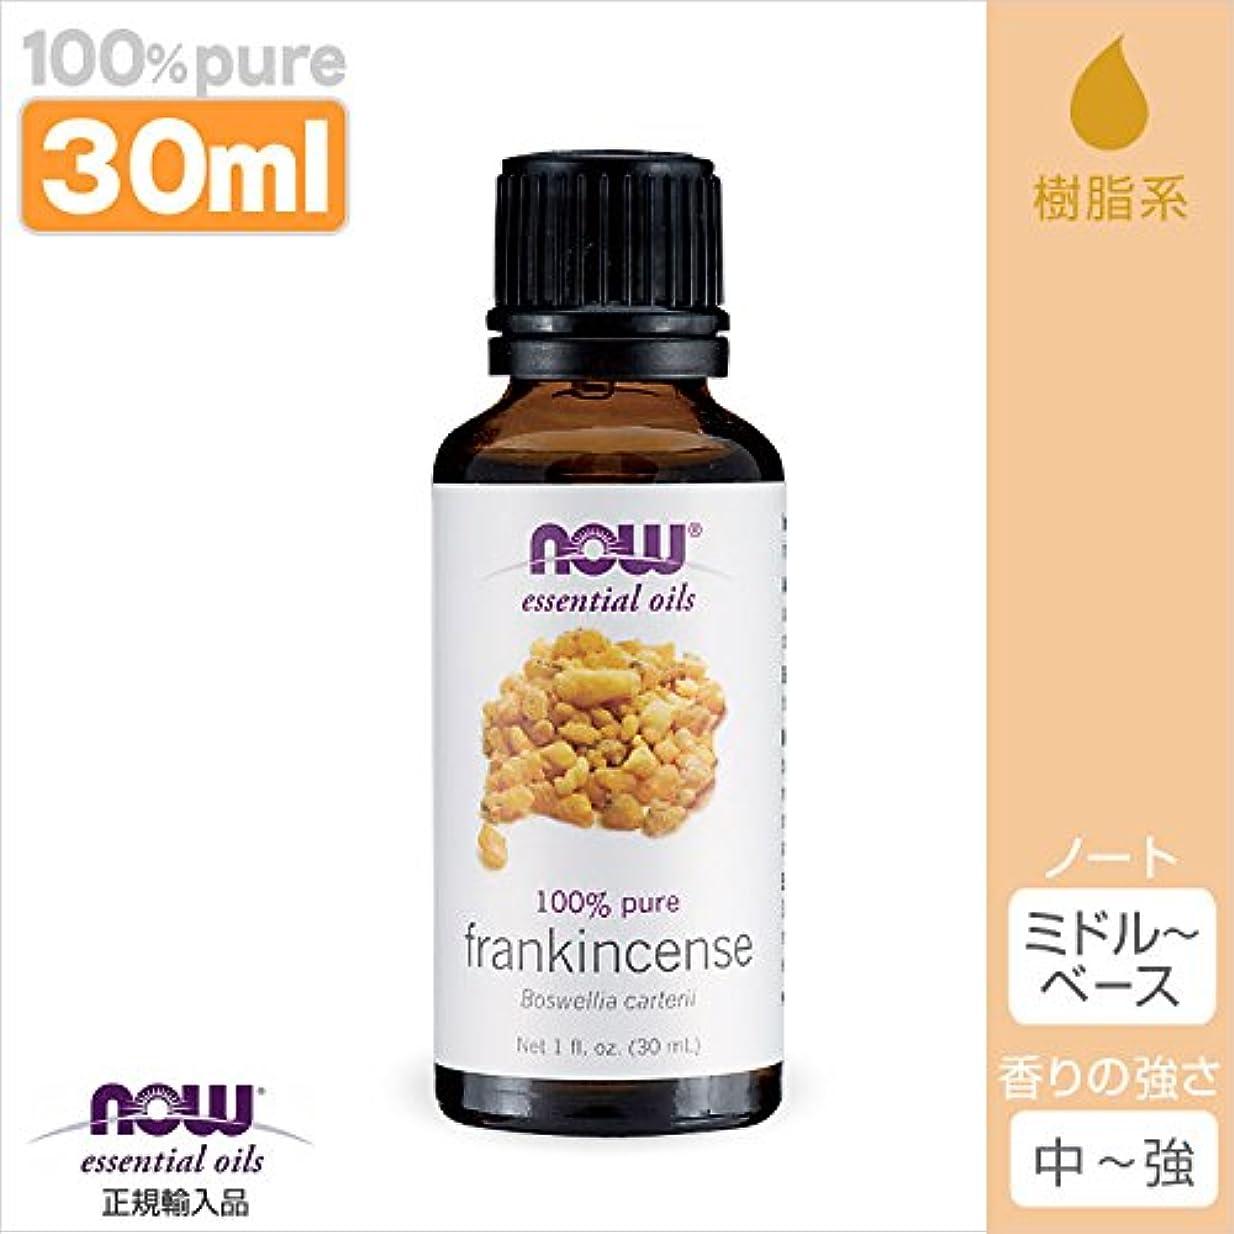 間に合わせ製作定期的にフランキンセンス 精油[30ml]  【正規輸入品】 NOWエッセンシャルオイル(アロマオイル)